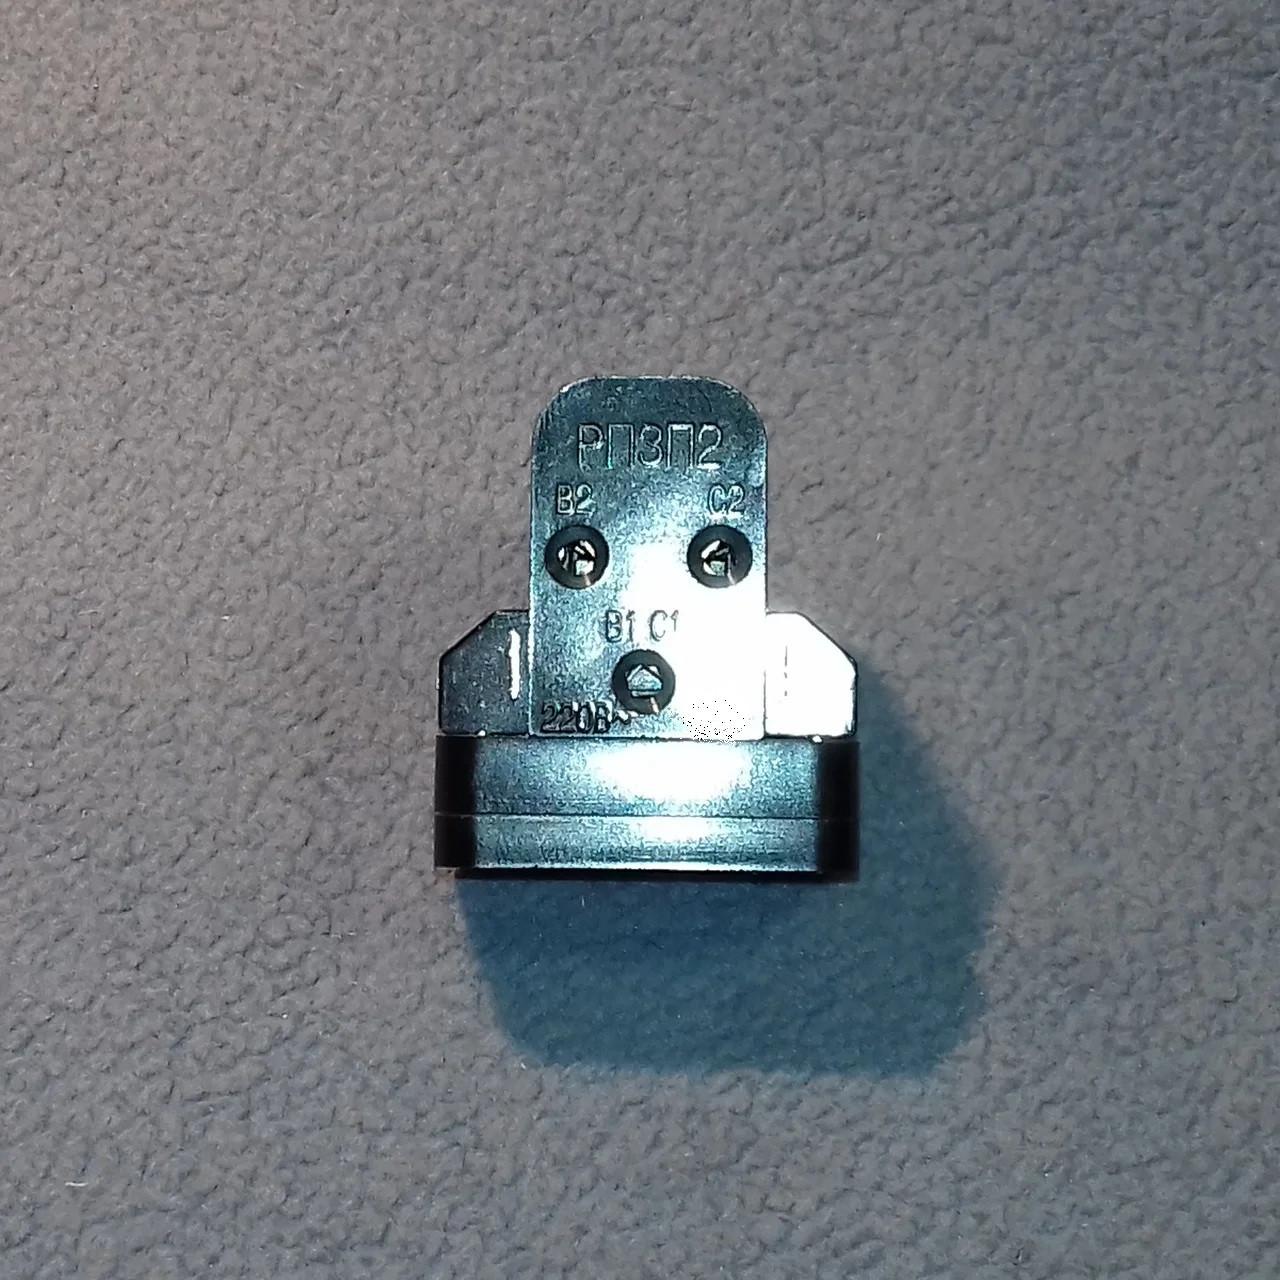 Пускове реле компресора РПЗП2 (1,2 Ампера) для холодильника (Україна)